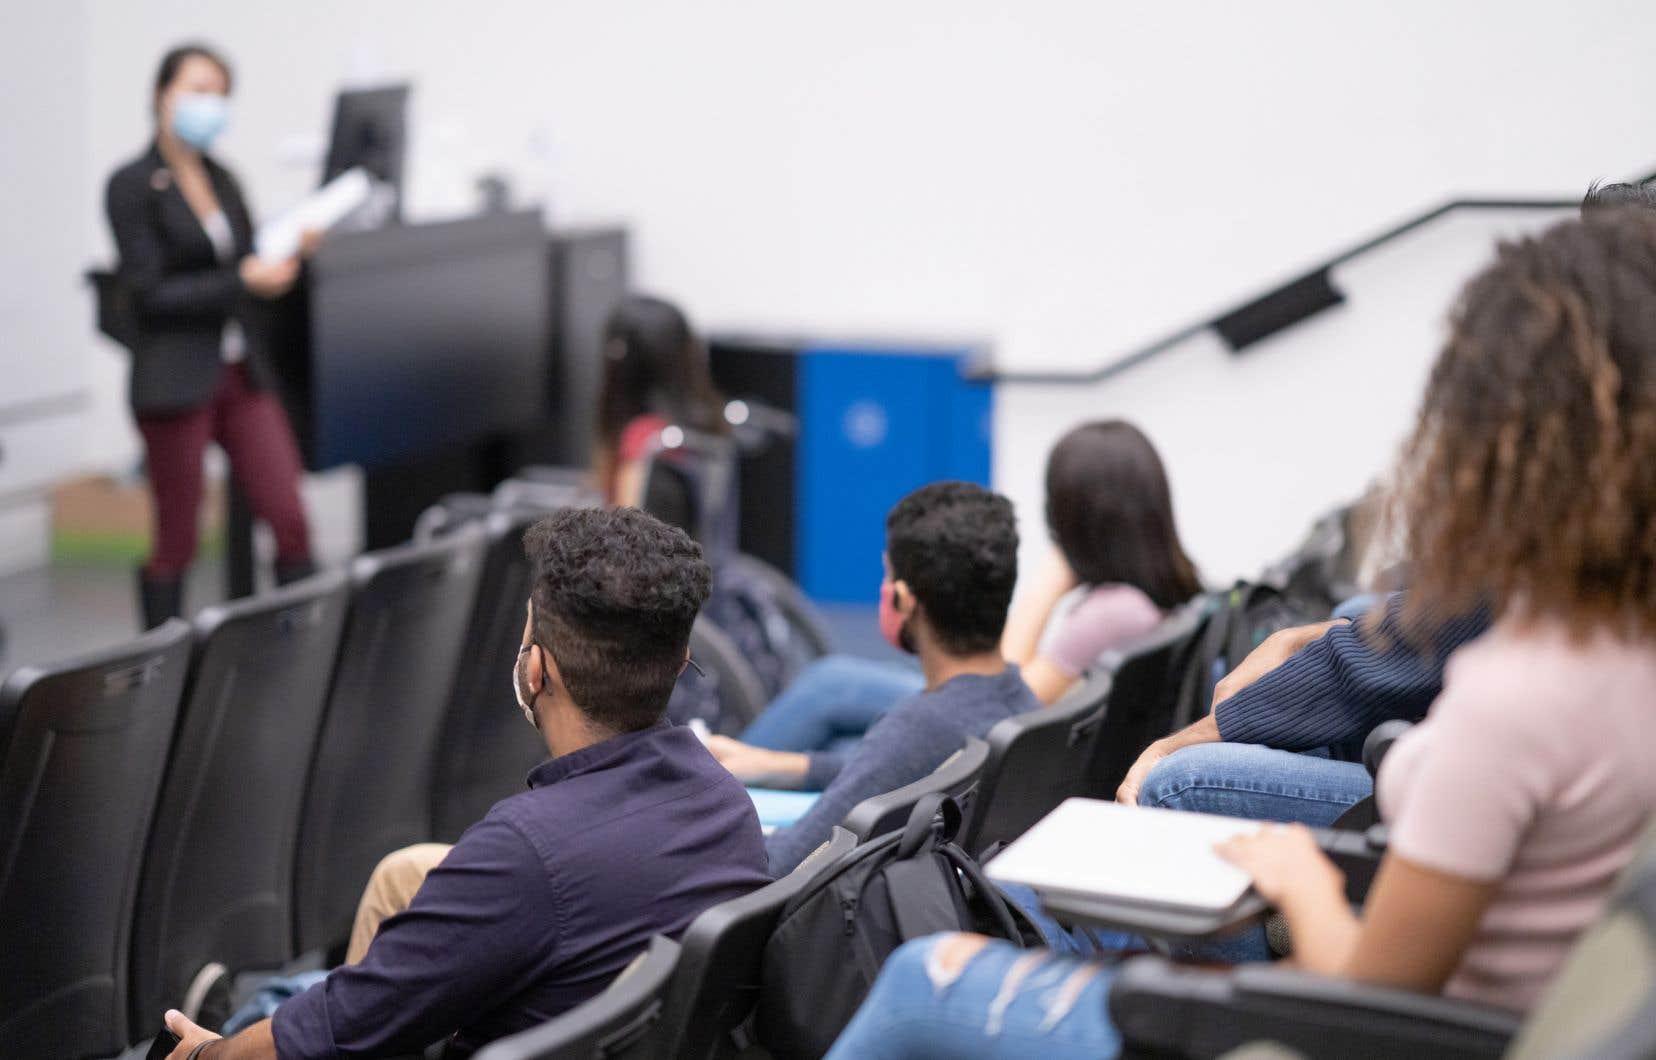 «La controverse autour de la liberté d'enseigner a conduit plusieurs observateurs à déplorer qu'on puisse demander à des professeurs d'accorder une priorité au